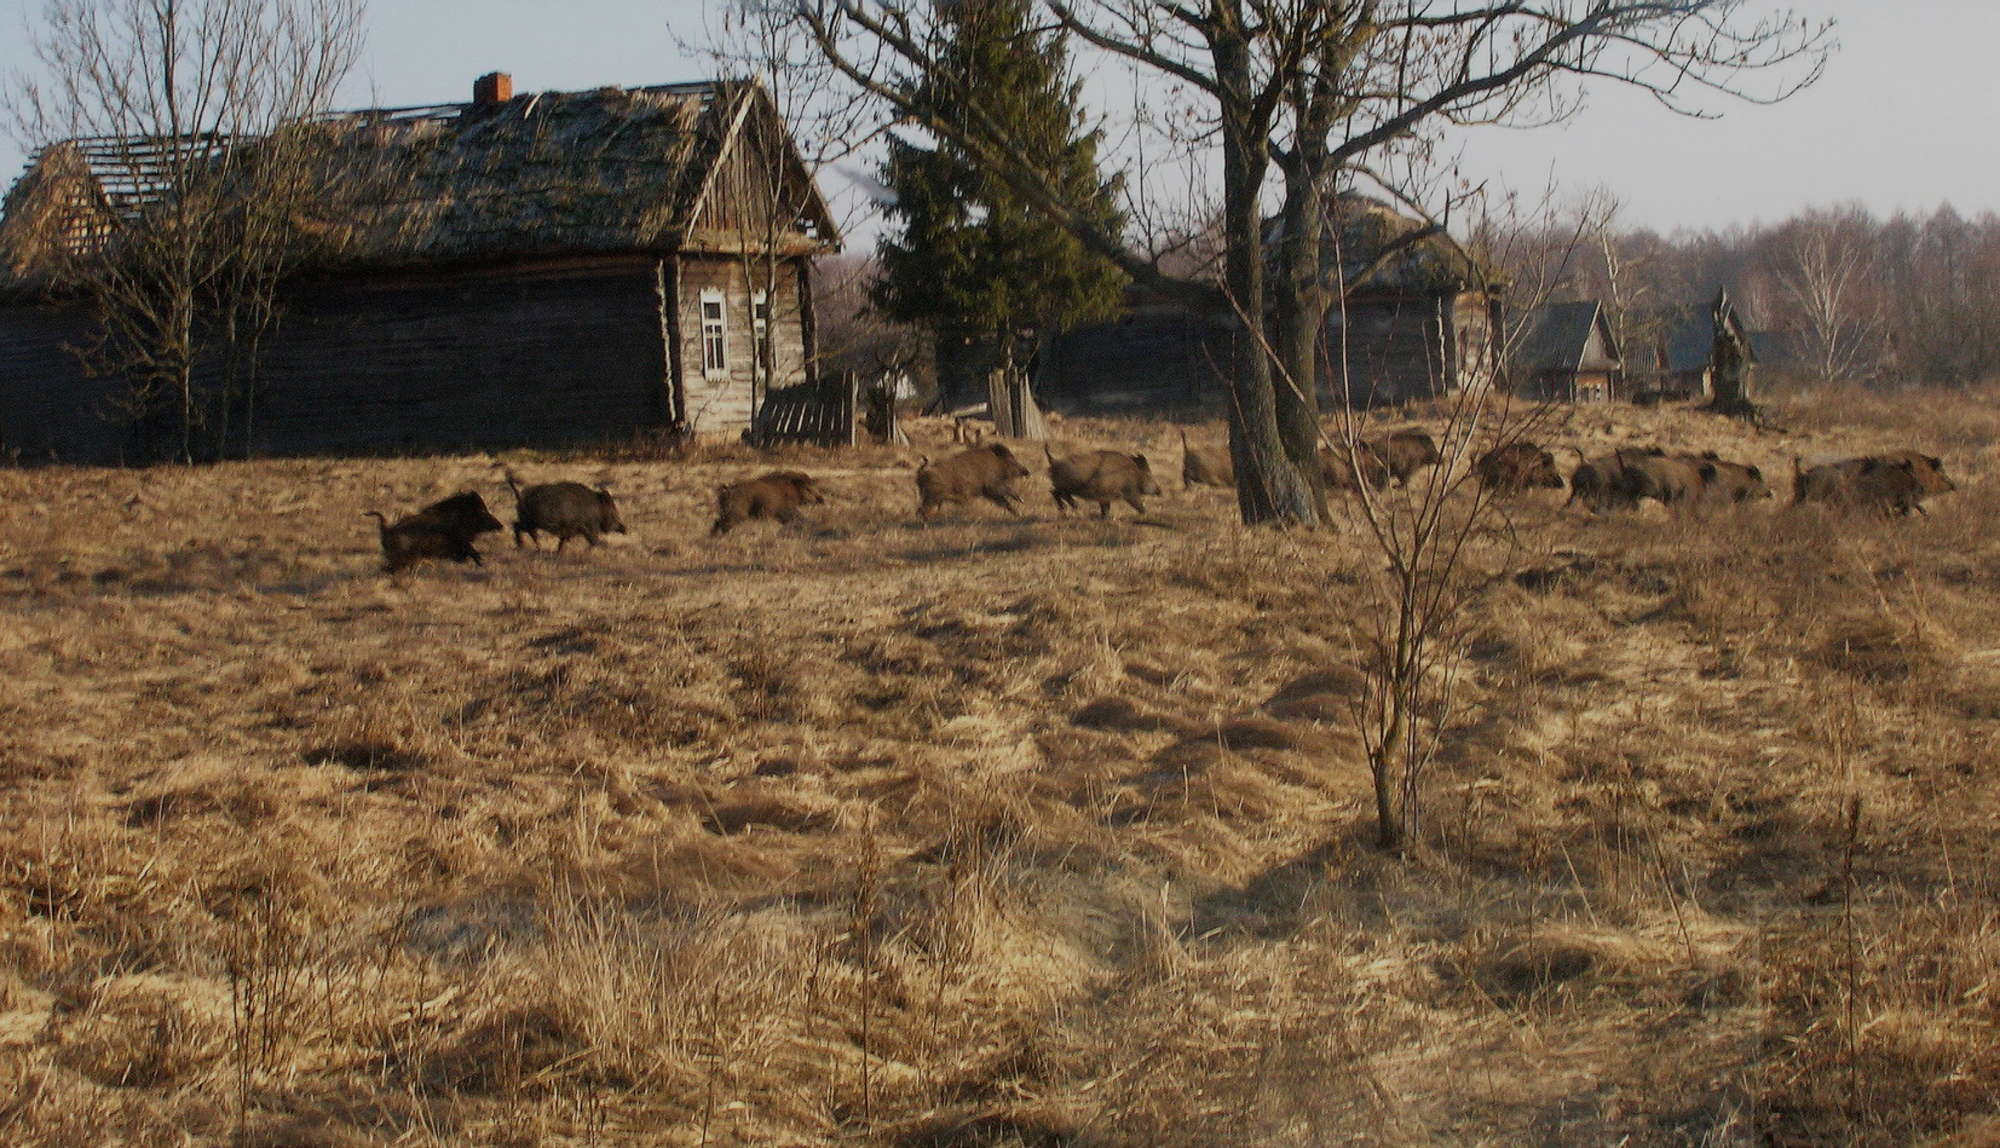 Αγριόχοιροι σε χωριό... Φωτο: Valeriy Yurko